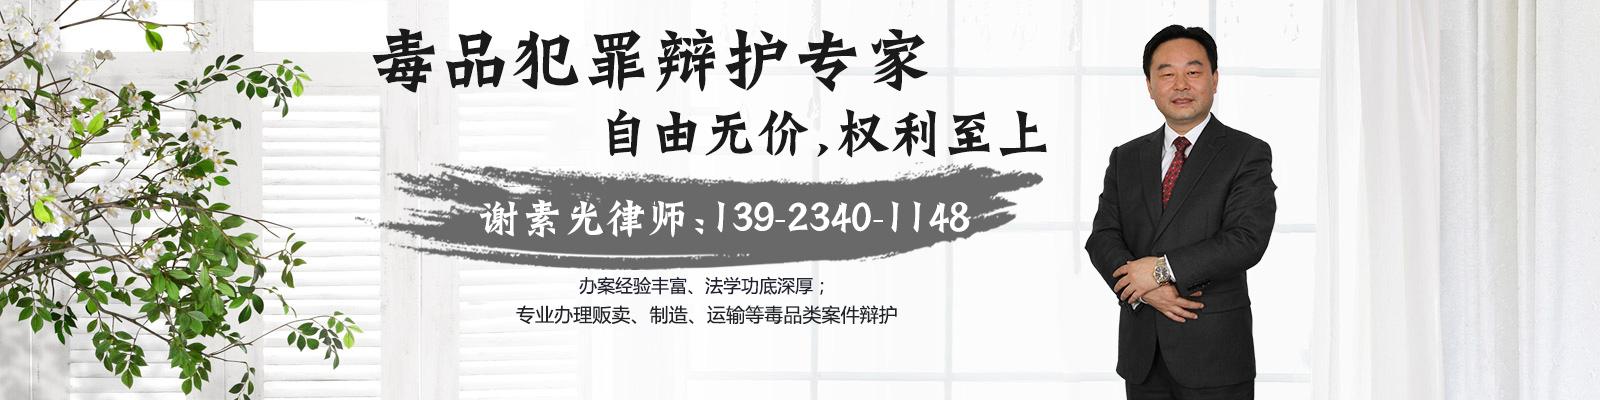 深圳毒品辩护律师